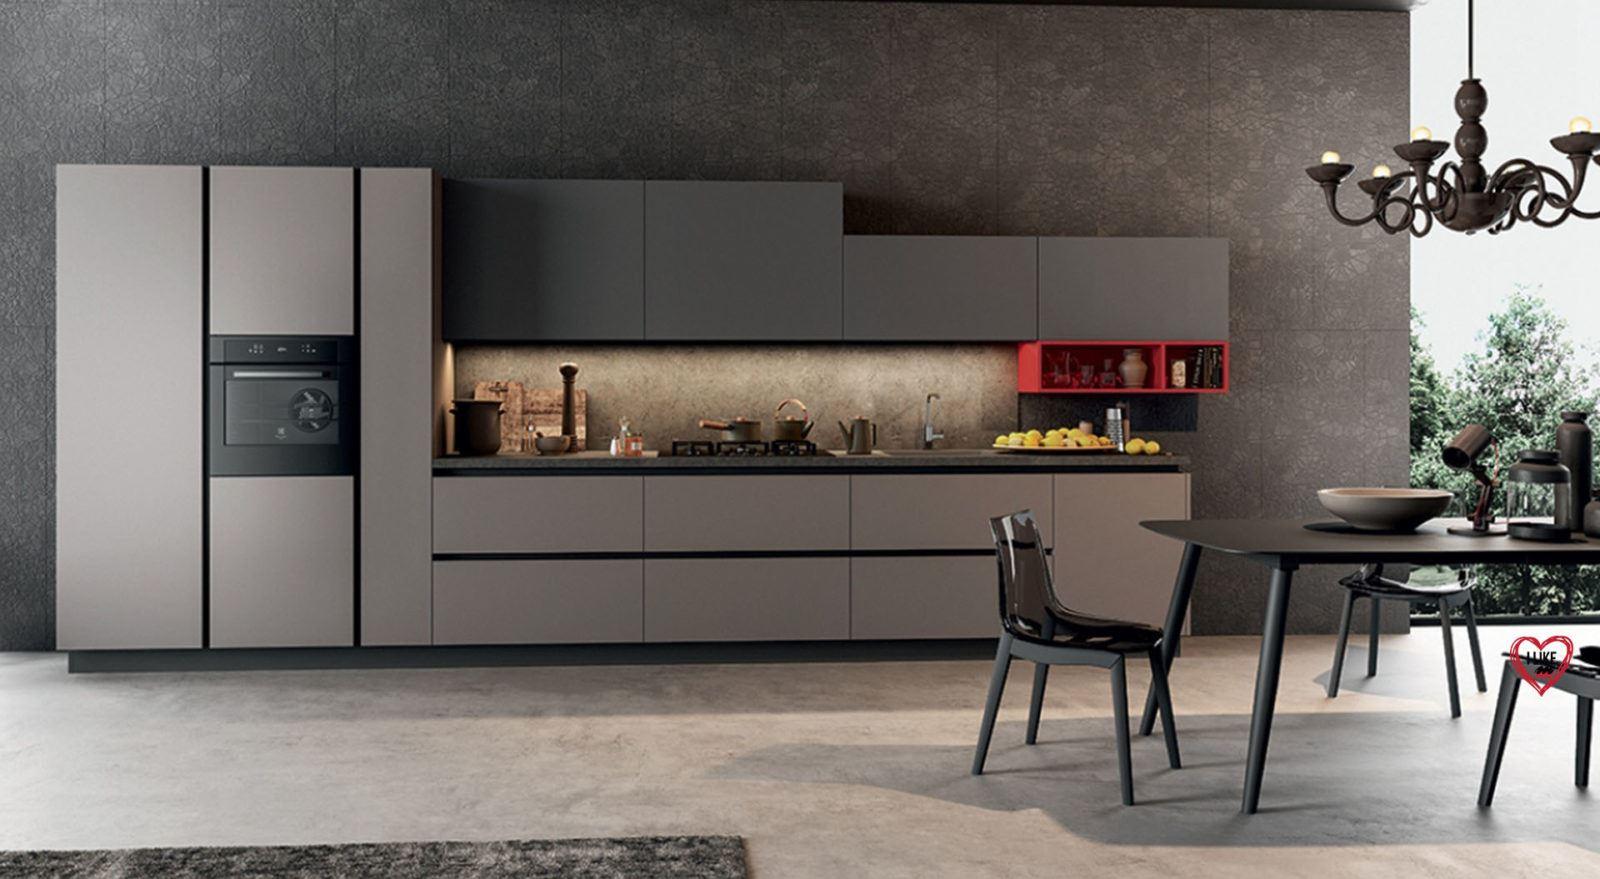 Cucine Moderne Padova.Cucine Lineari Moderne Padova Anche In Offerta